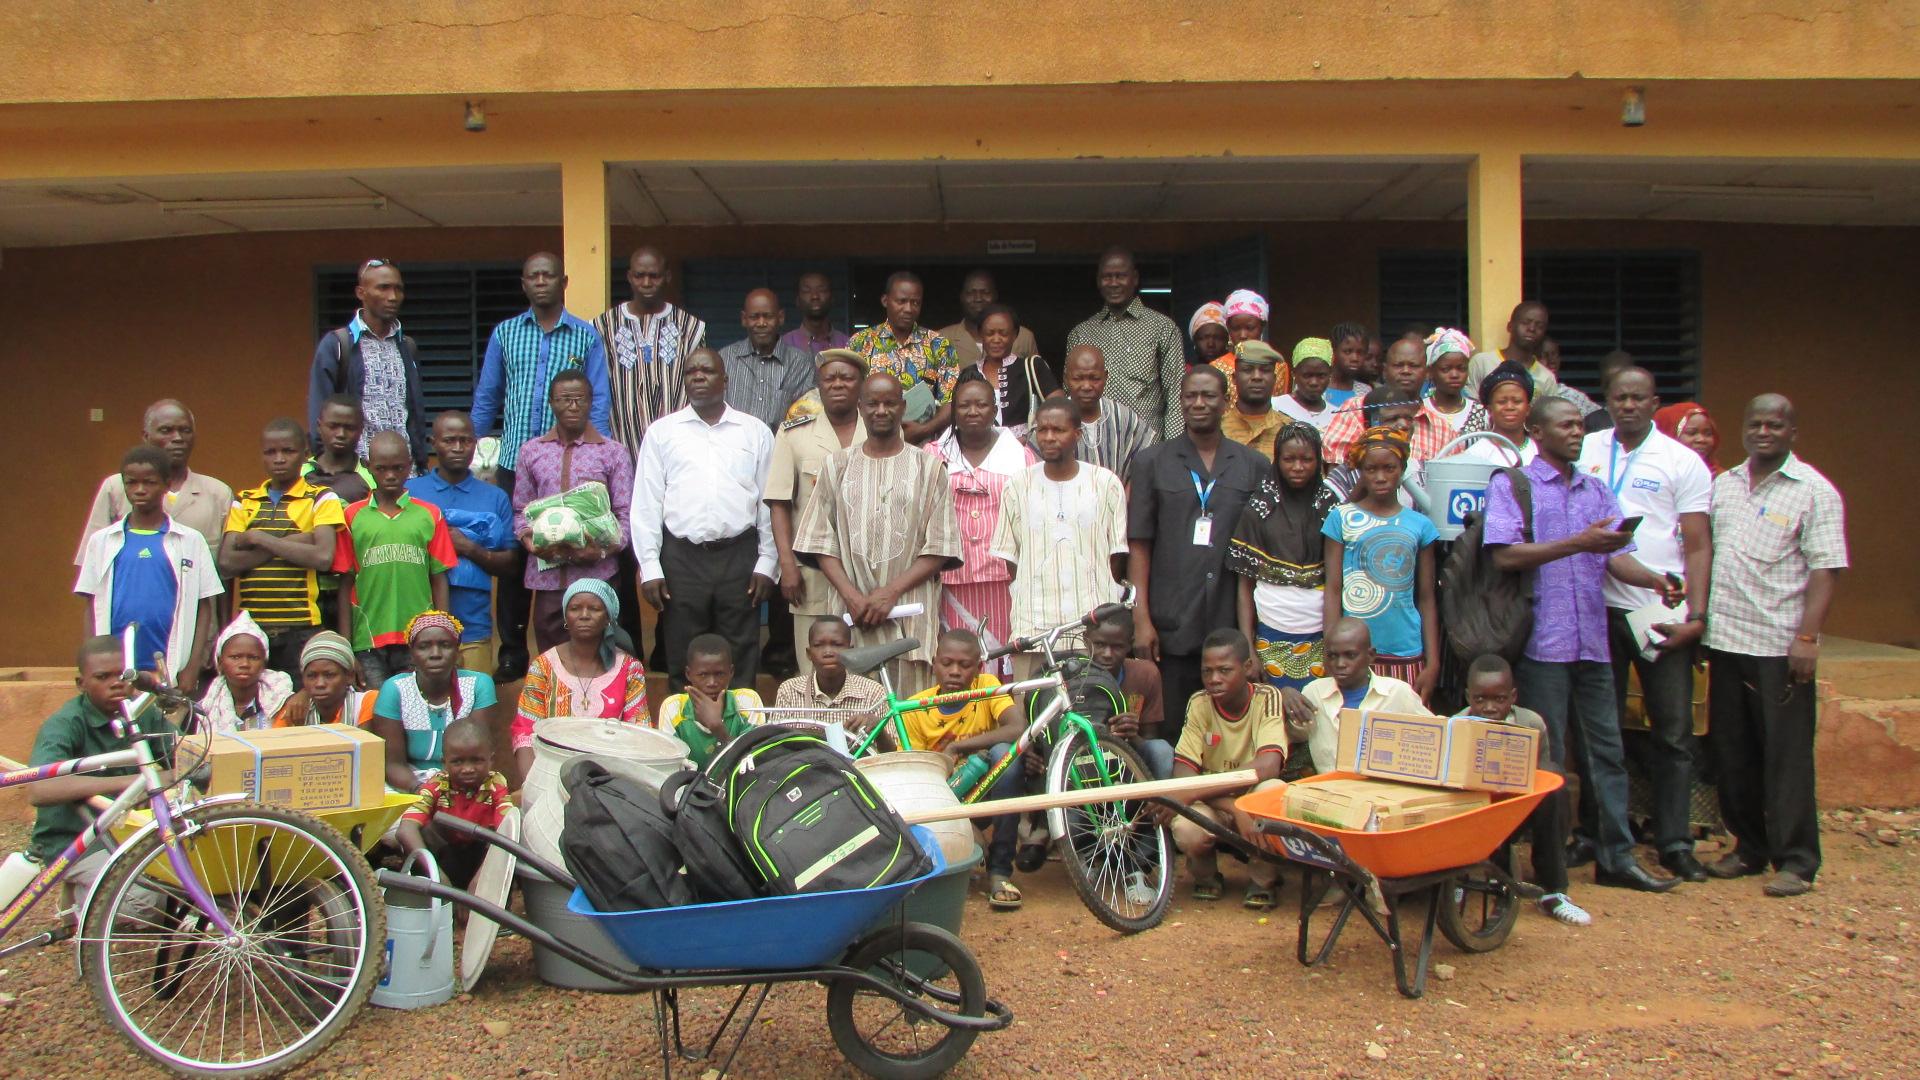 Deltakerne på forumet, med premiene som ble delt ut til lærere, elever og bidragsytere